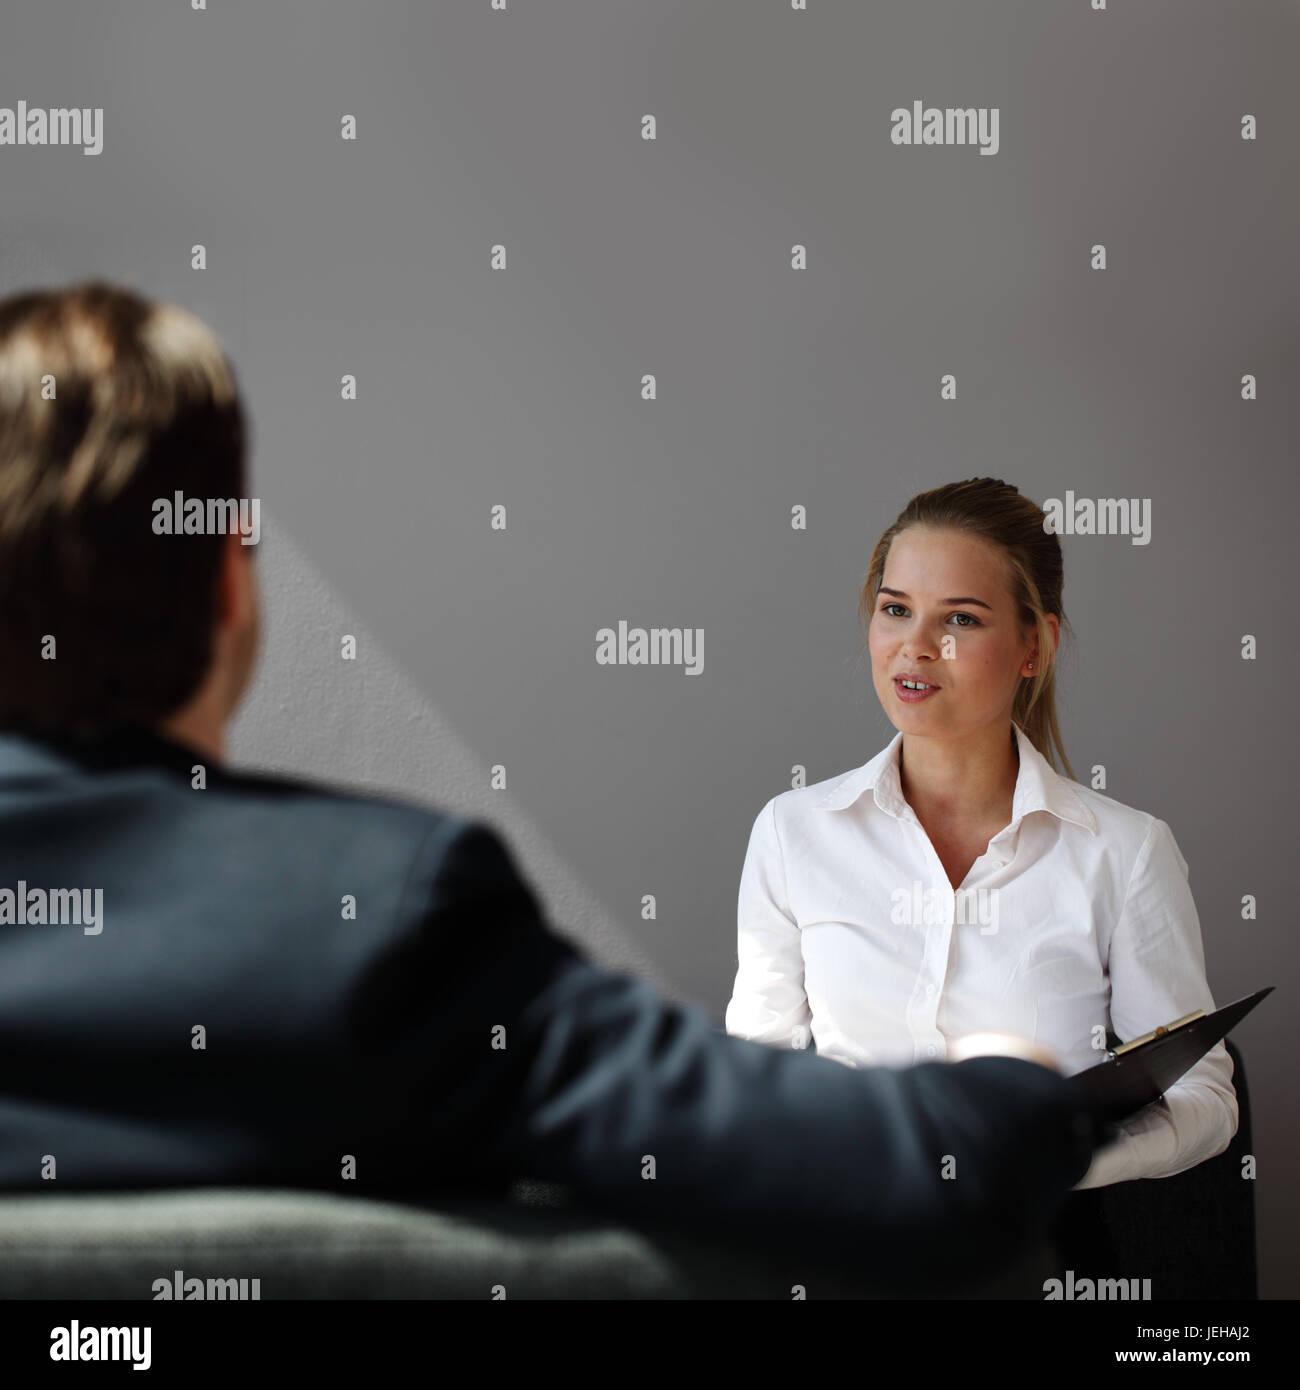 Interview - emploi businss man écouter les réponses des candidats Photo Stock